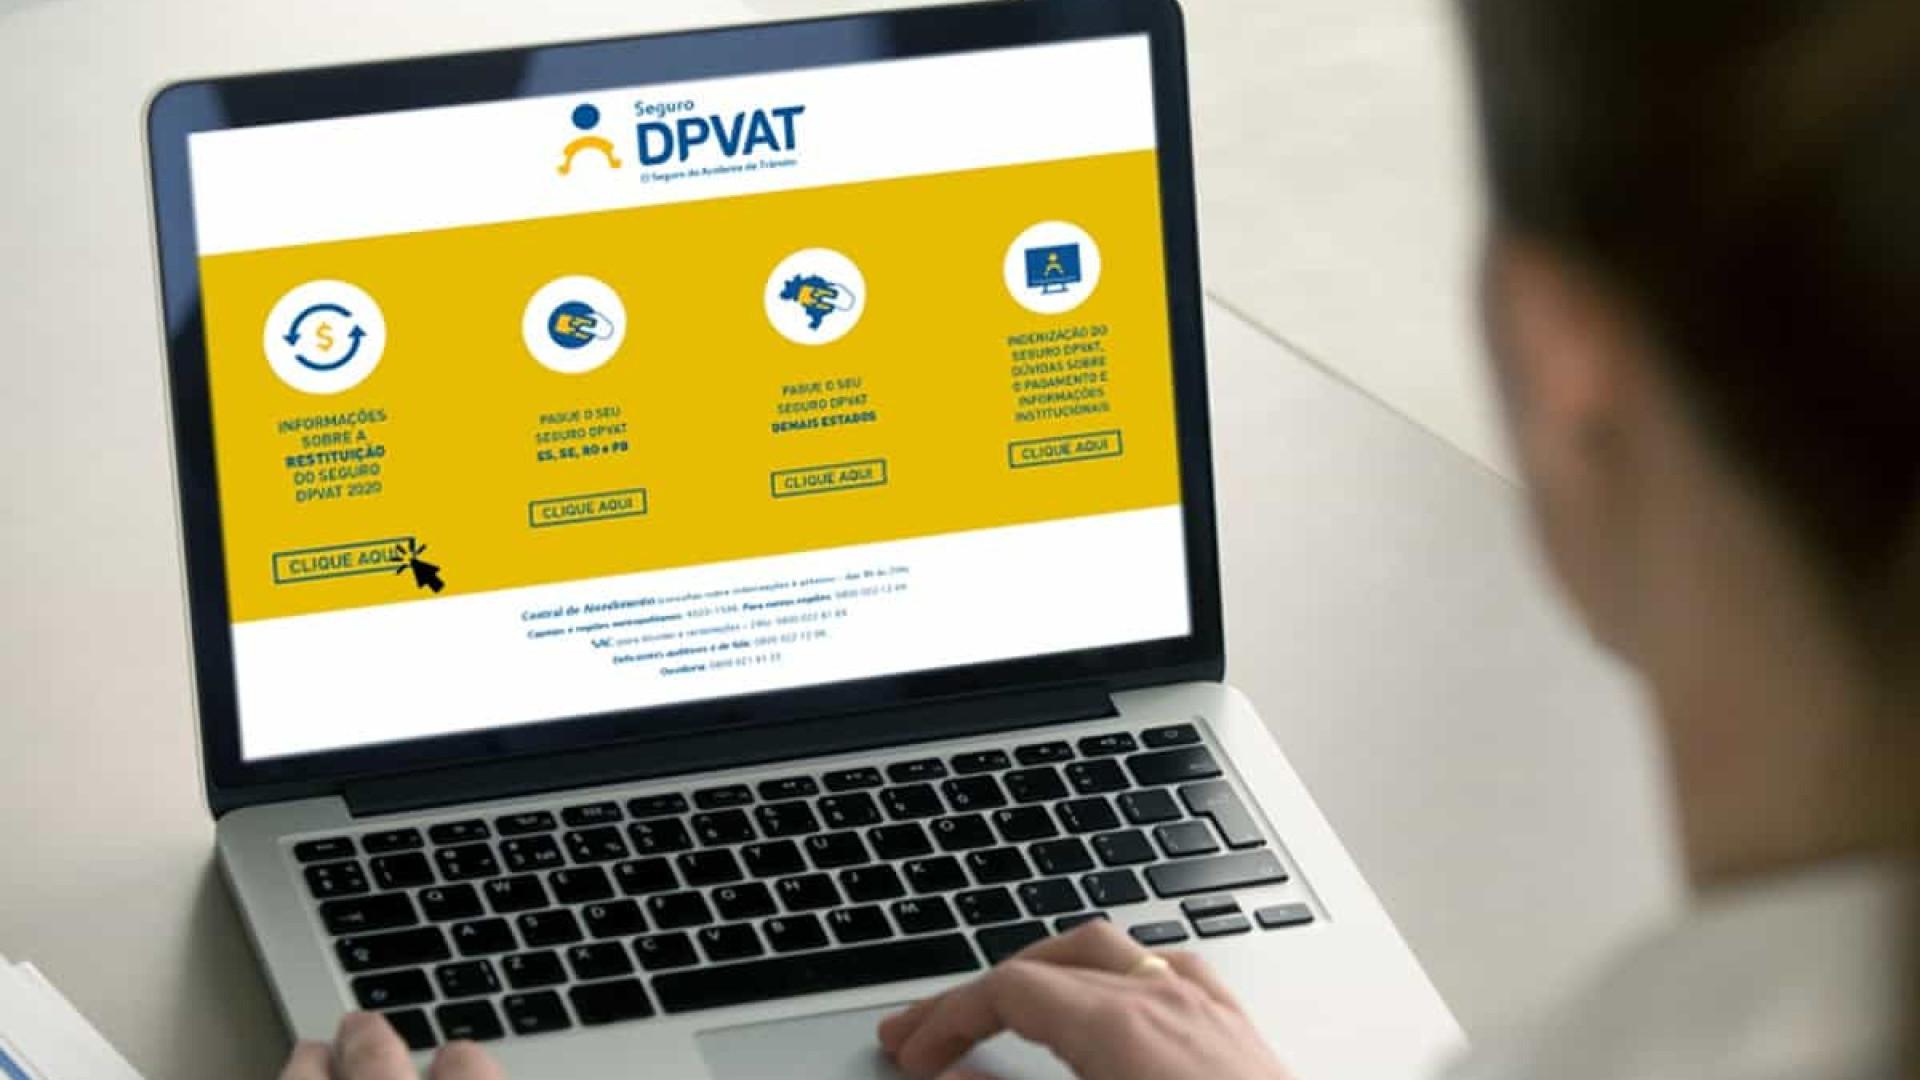 Site para pedir devolução do DPVAT tem lentidão e instabilidade